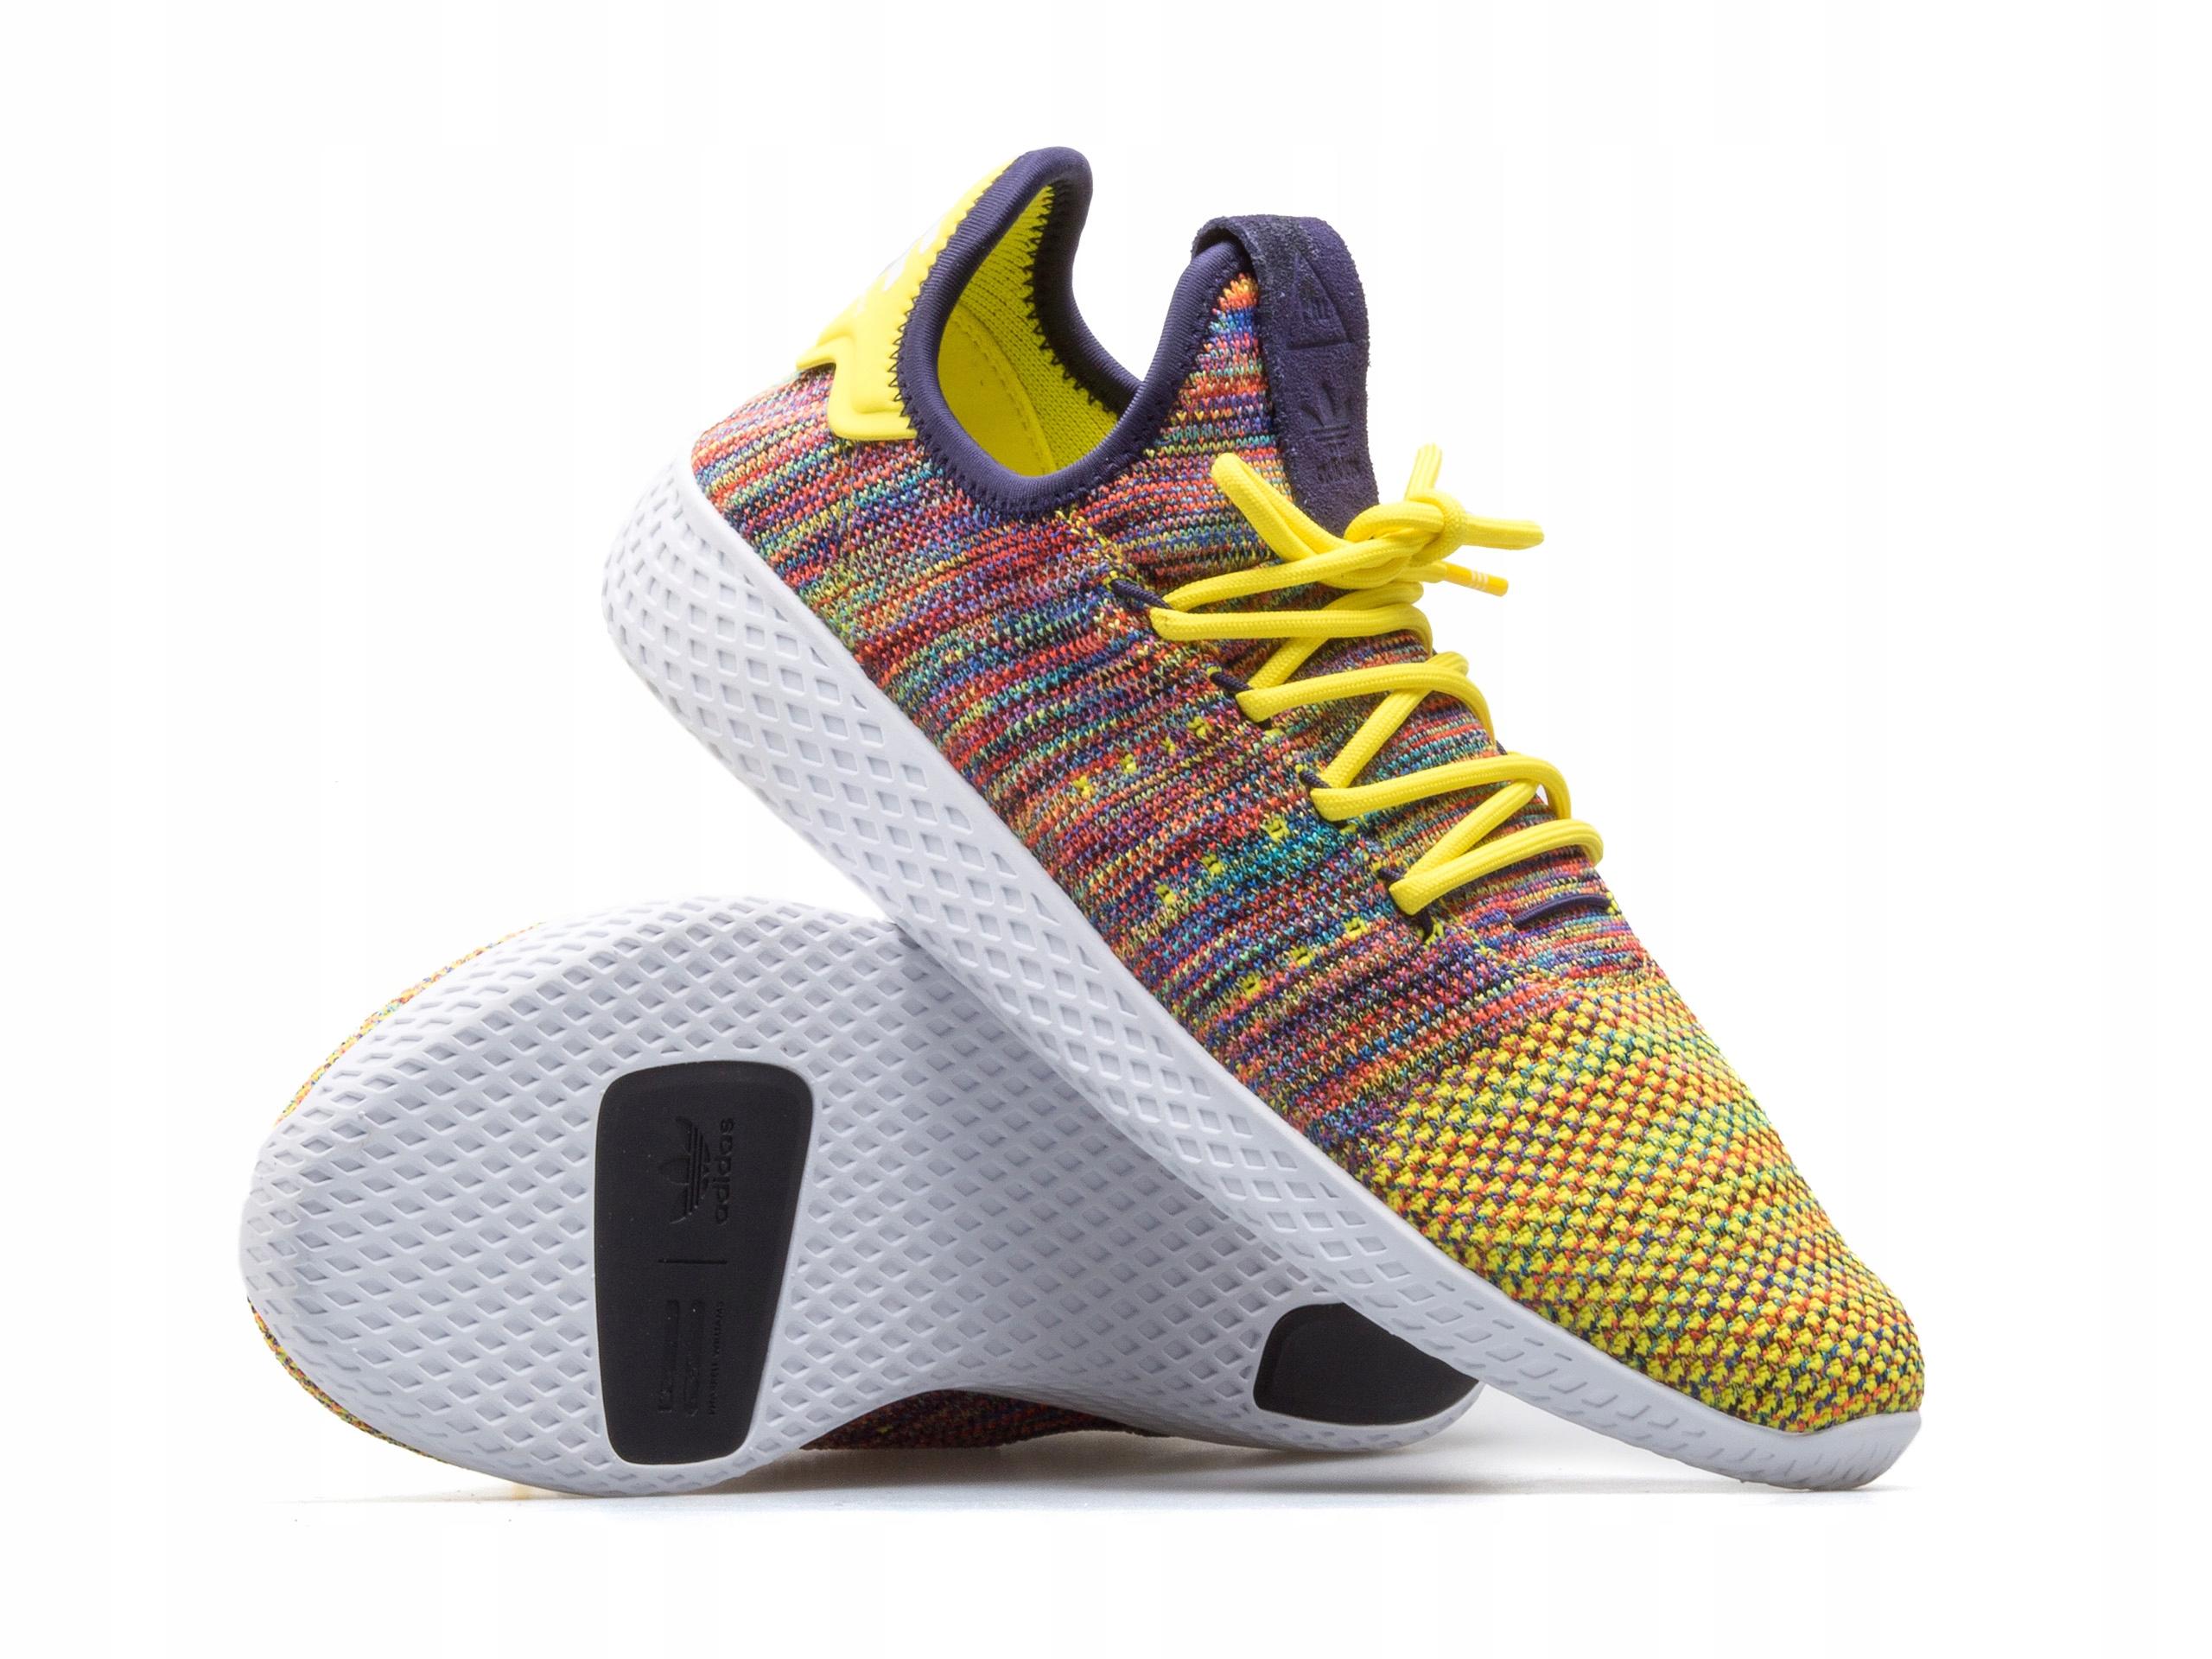 Cena obniżona najlepsze oferty na nowy styl Buty męskie adidas PW TENNIS HU BY2673 r. 40 - 7537877859 ...